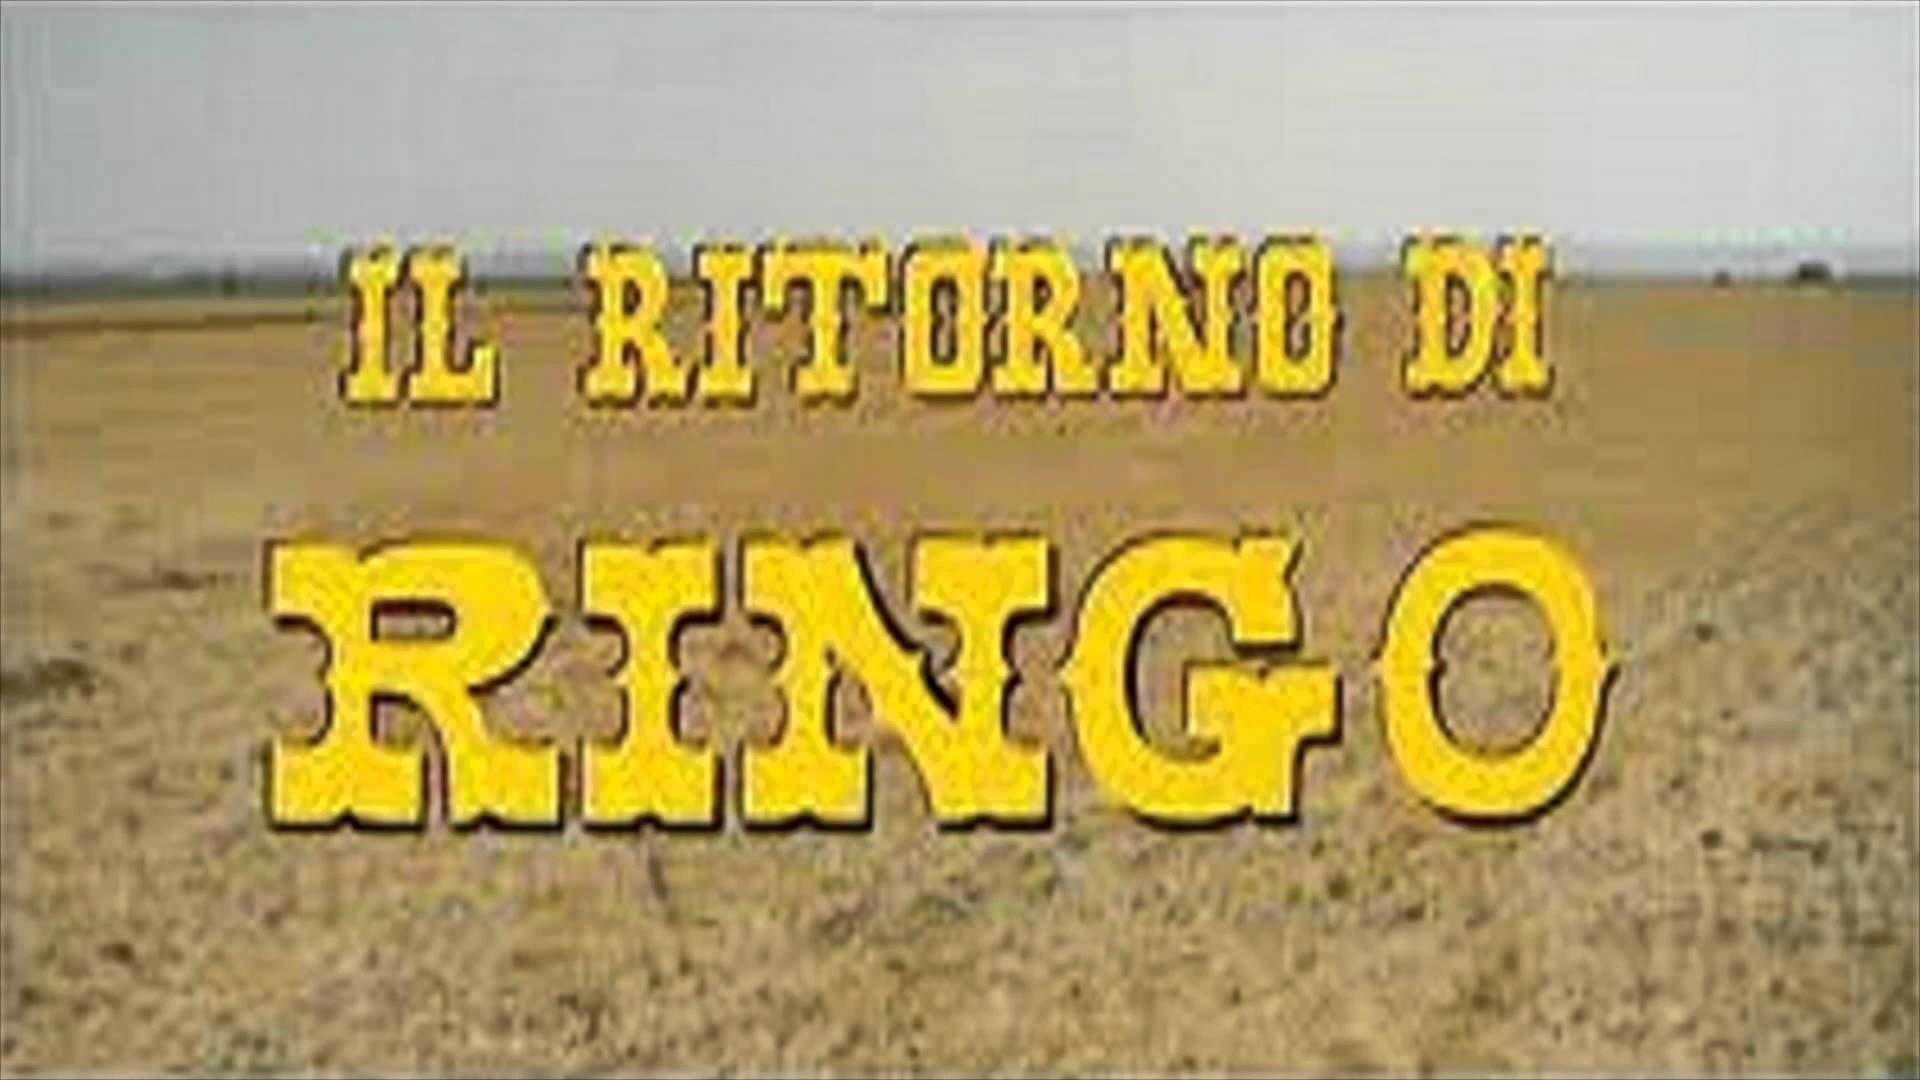 El retorno de Ringo (1965) Giuliano Gemma - Pelicula completa en español - Spaghetti Western